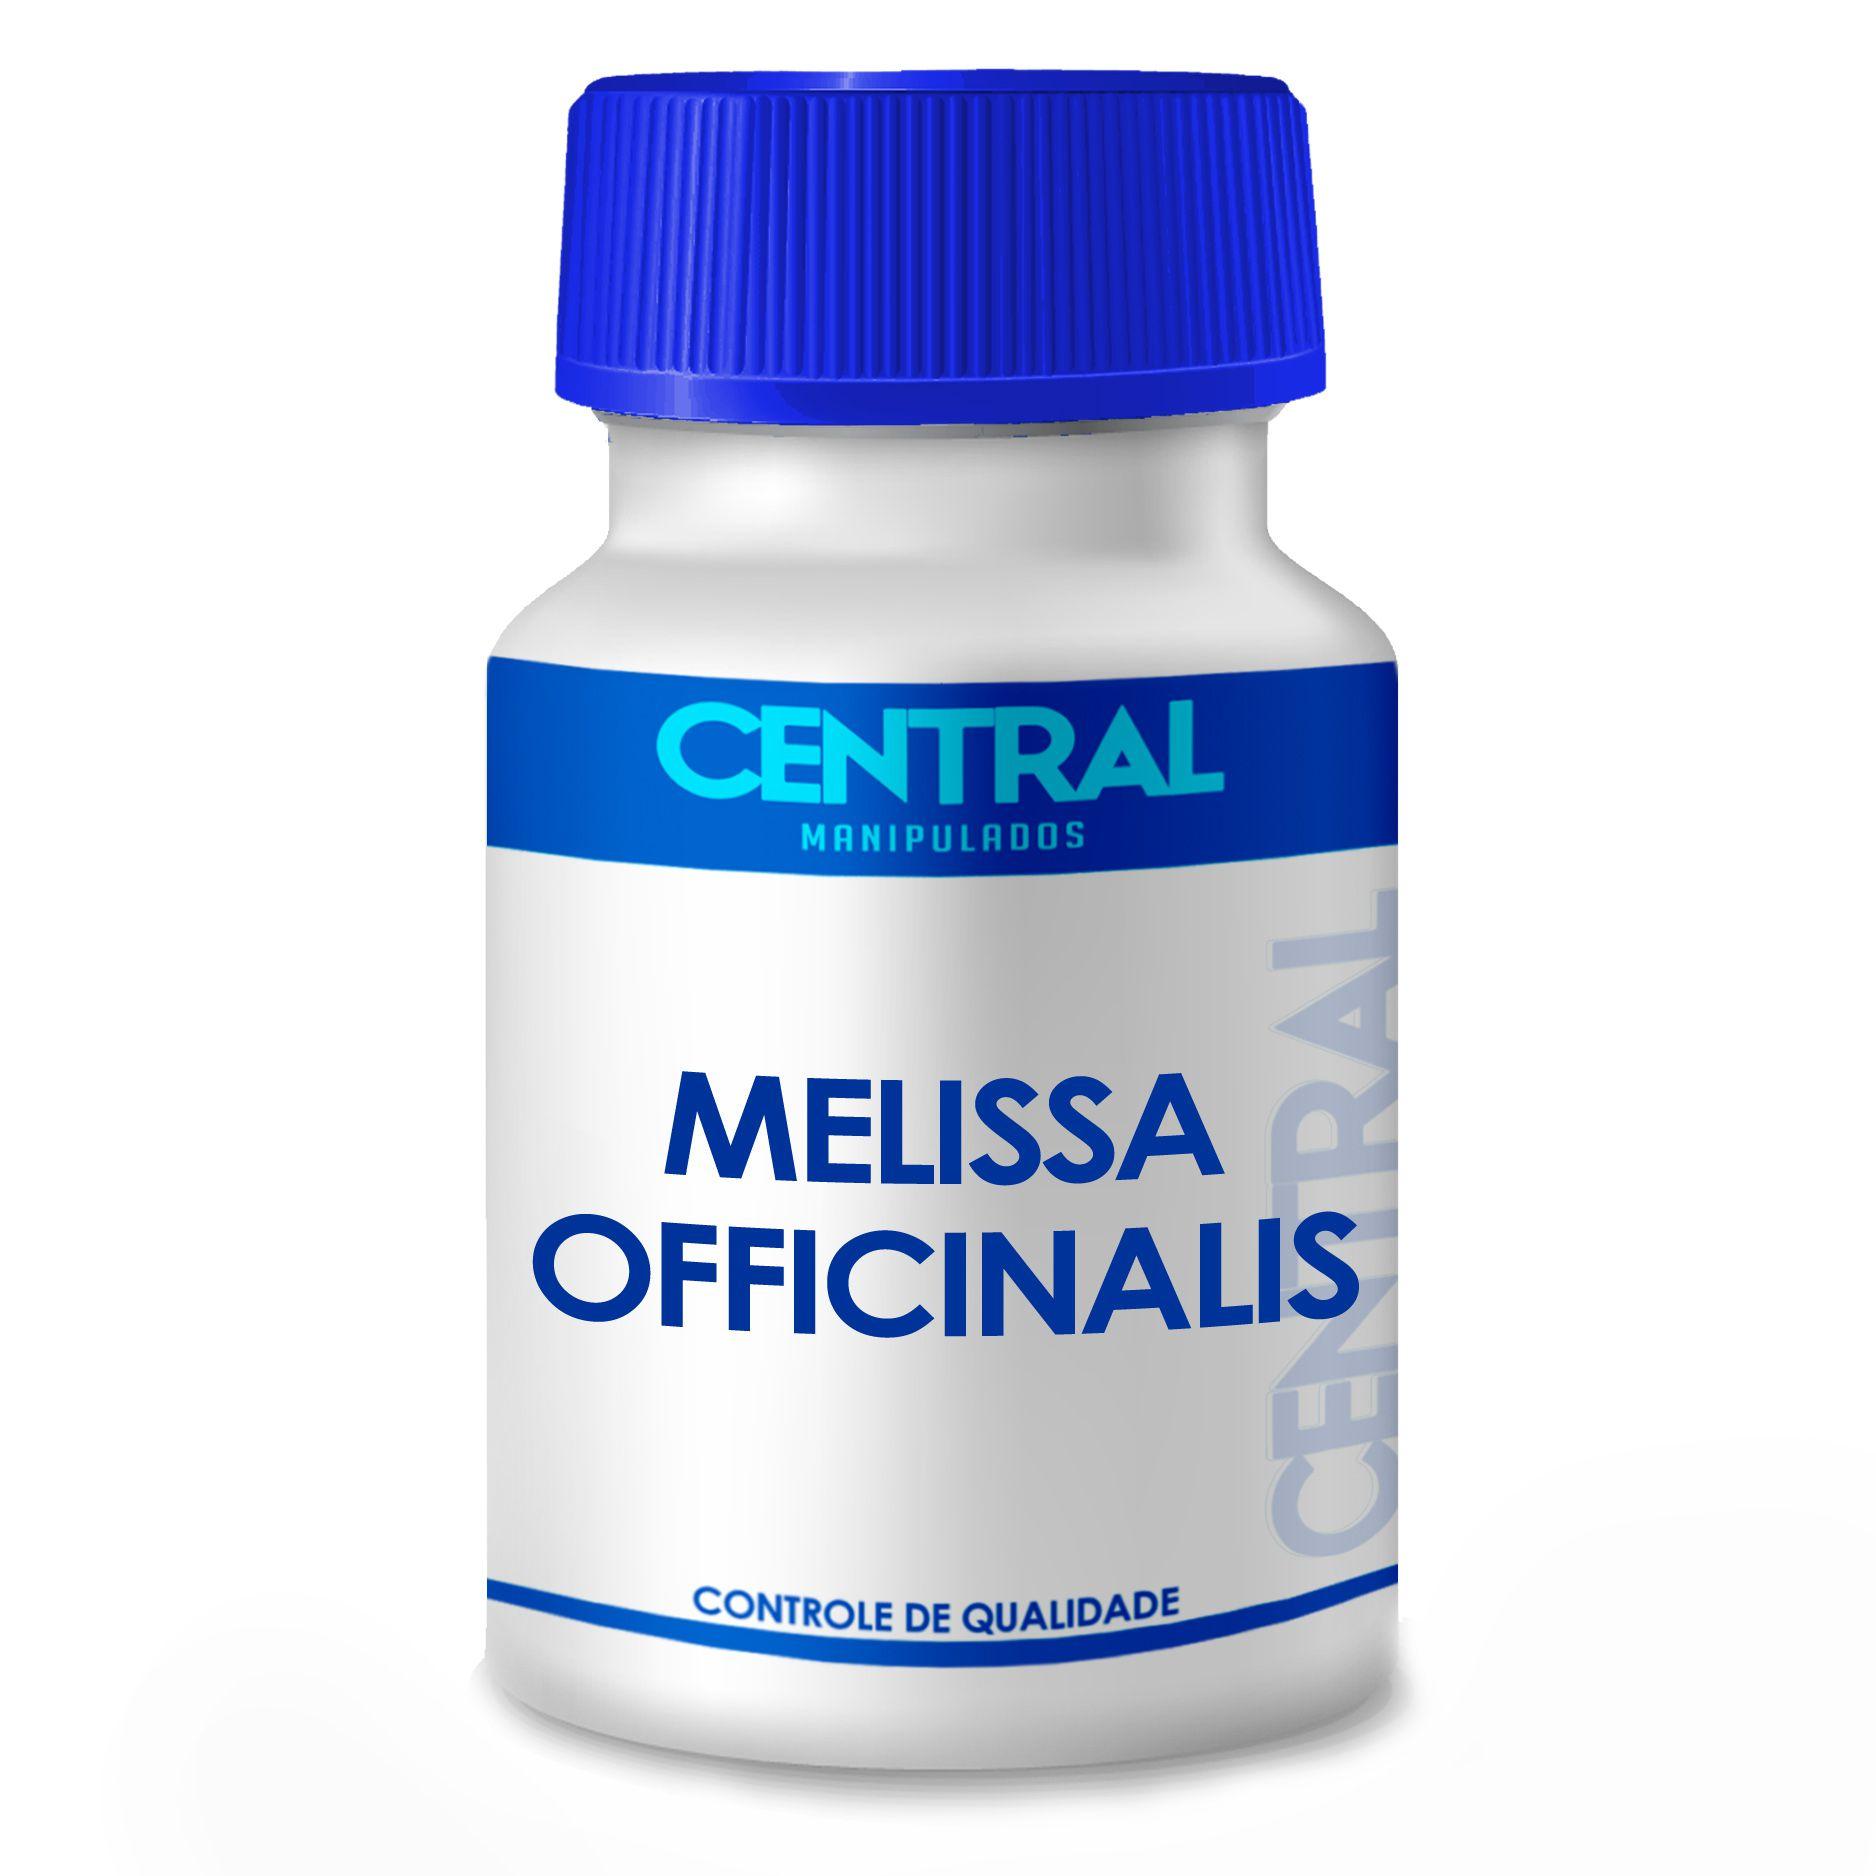 Melissa officinalis - Auxilia no tratamento do nervosismo, agitação e distúrbios do sono - 500mg 30 cápsulas